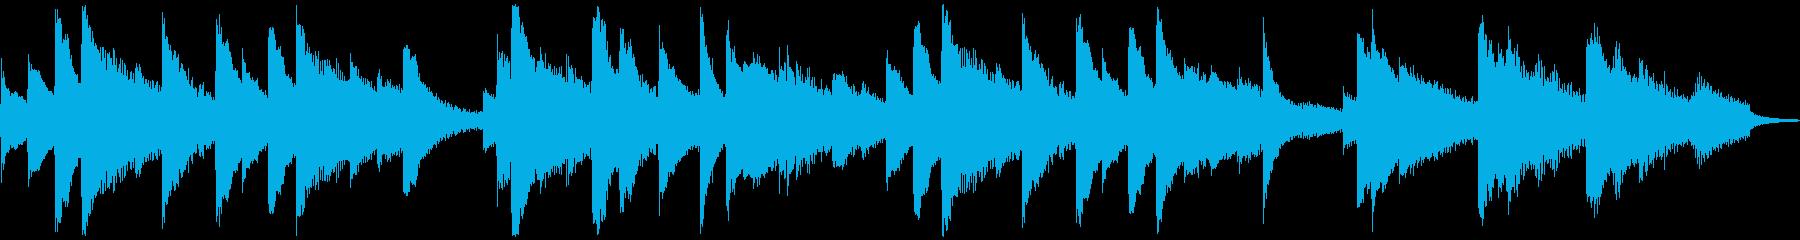 短めなノスタルジックなピアノの曲の再生済みの波形